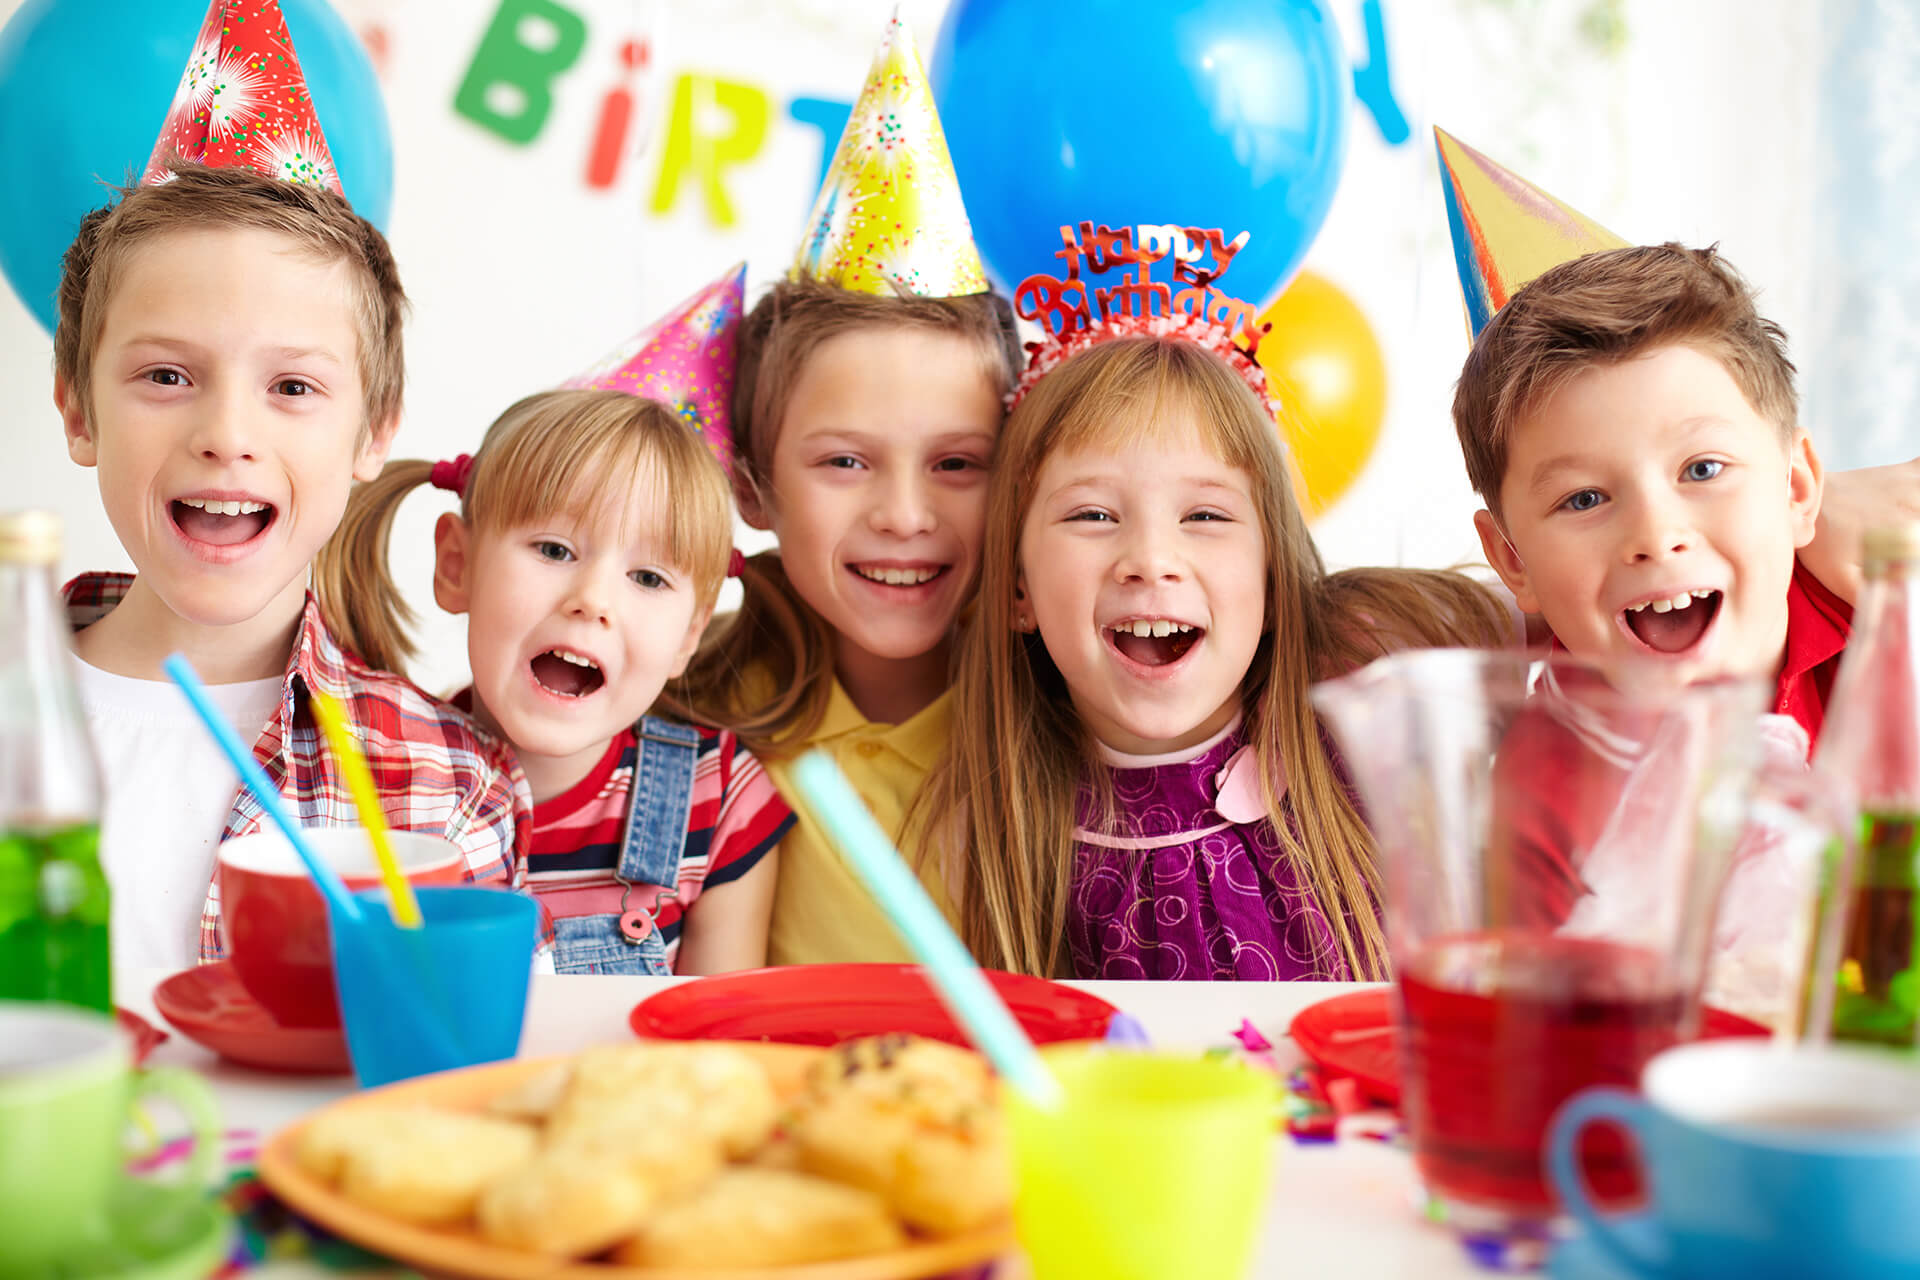 5 idee di regalini per bambini invitati ad una festa di compleanno